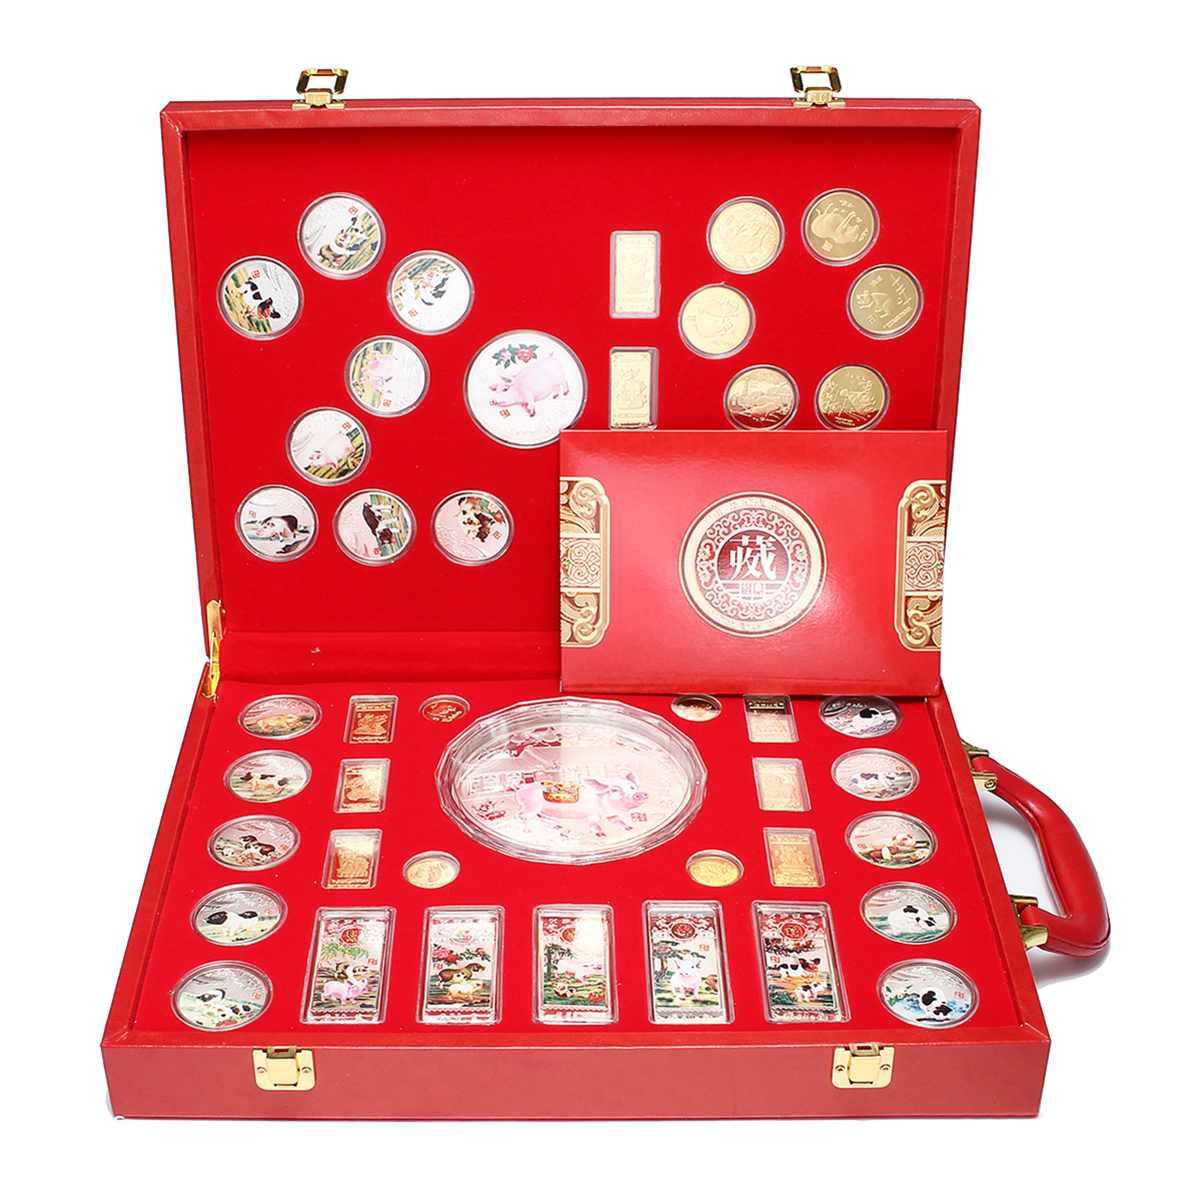 46 шт./компл. свинья Юбилейная монета год свинья коллекция монеты для подарка дома украшение автомобиля золото/посеребренный коробка для хра